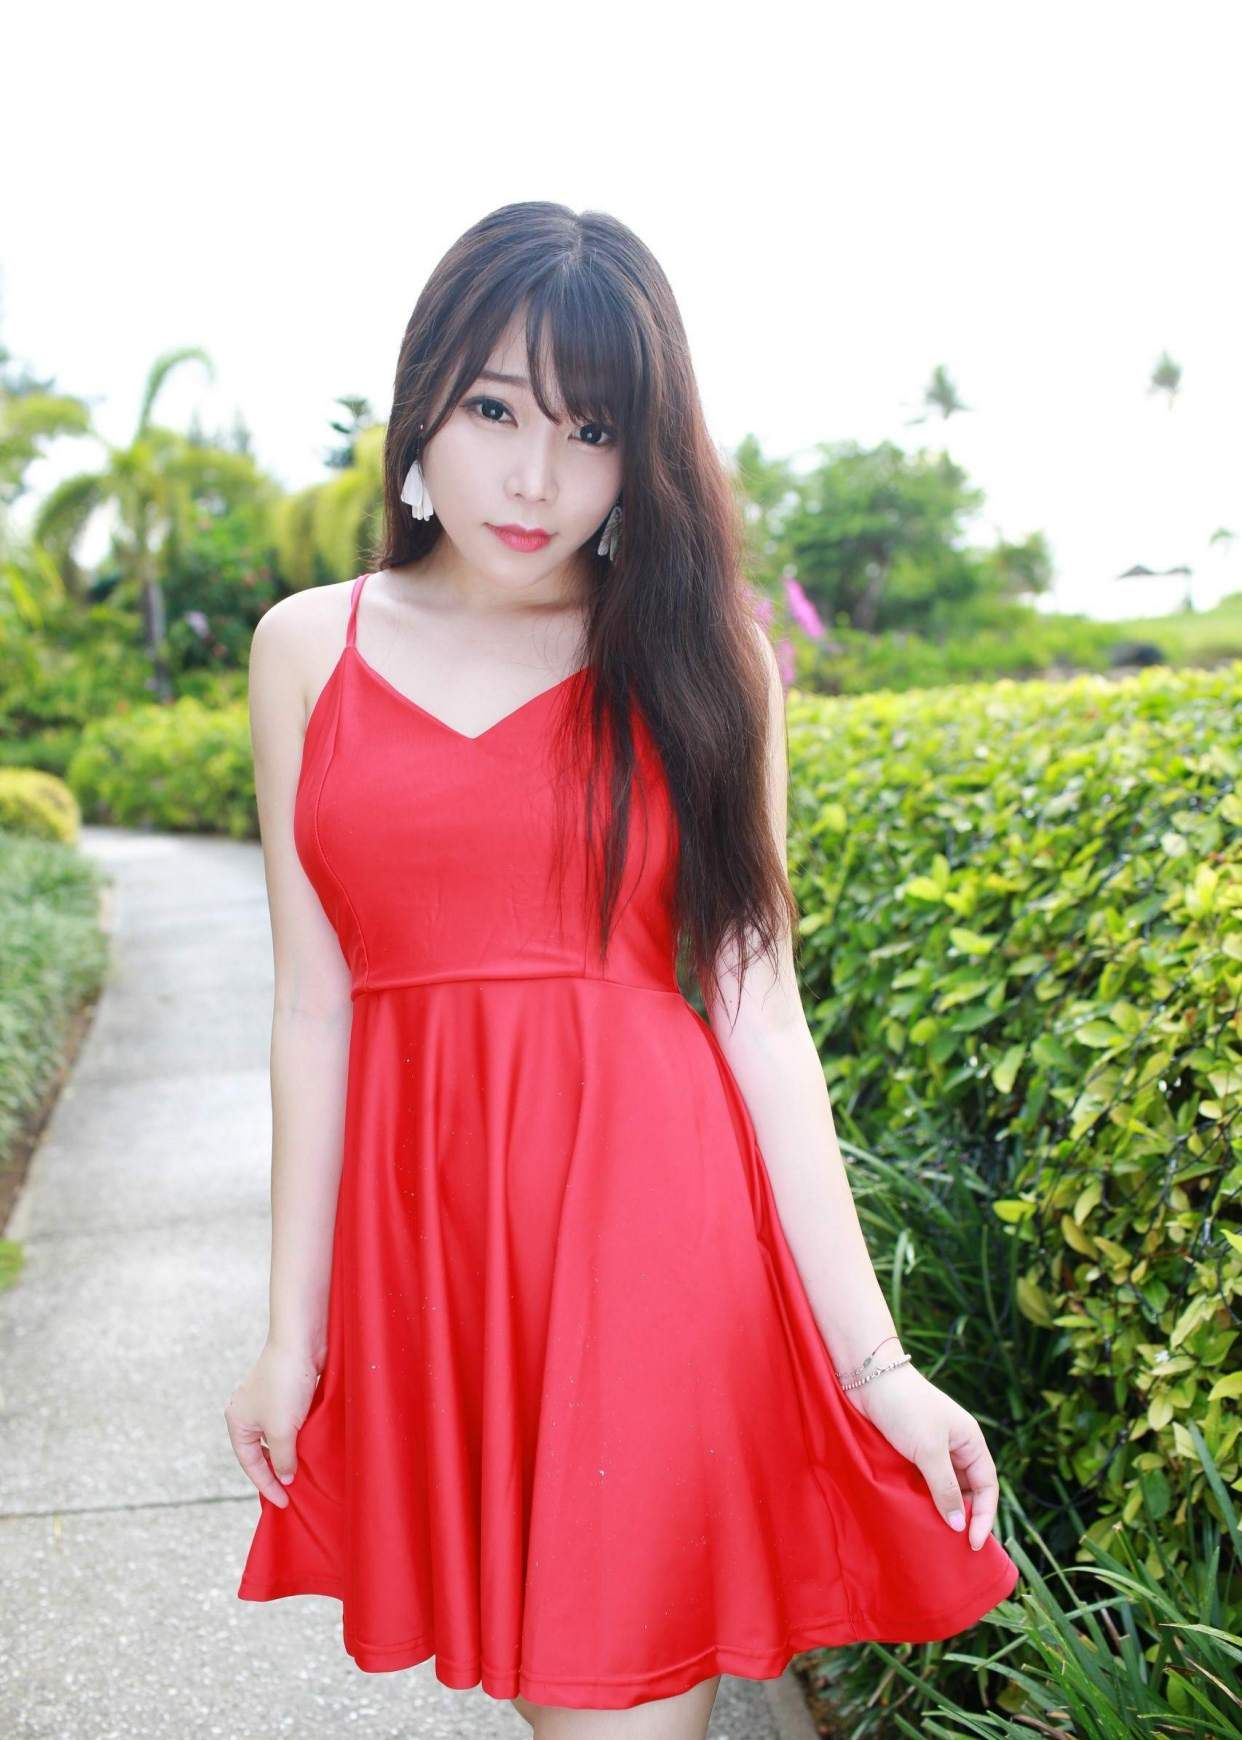 红裙长发气质华美,人称小柳岩